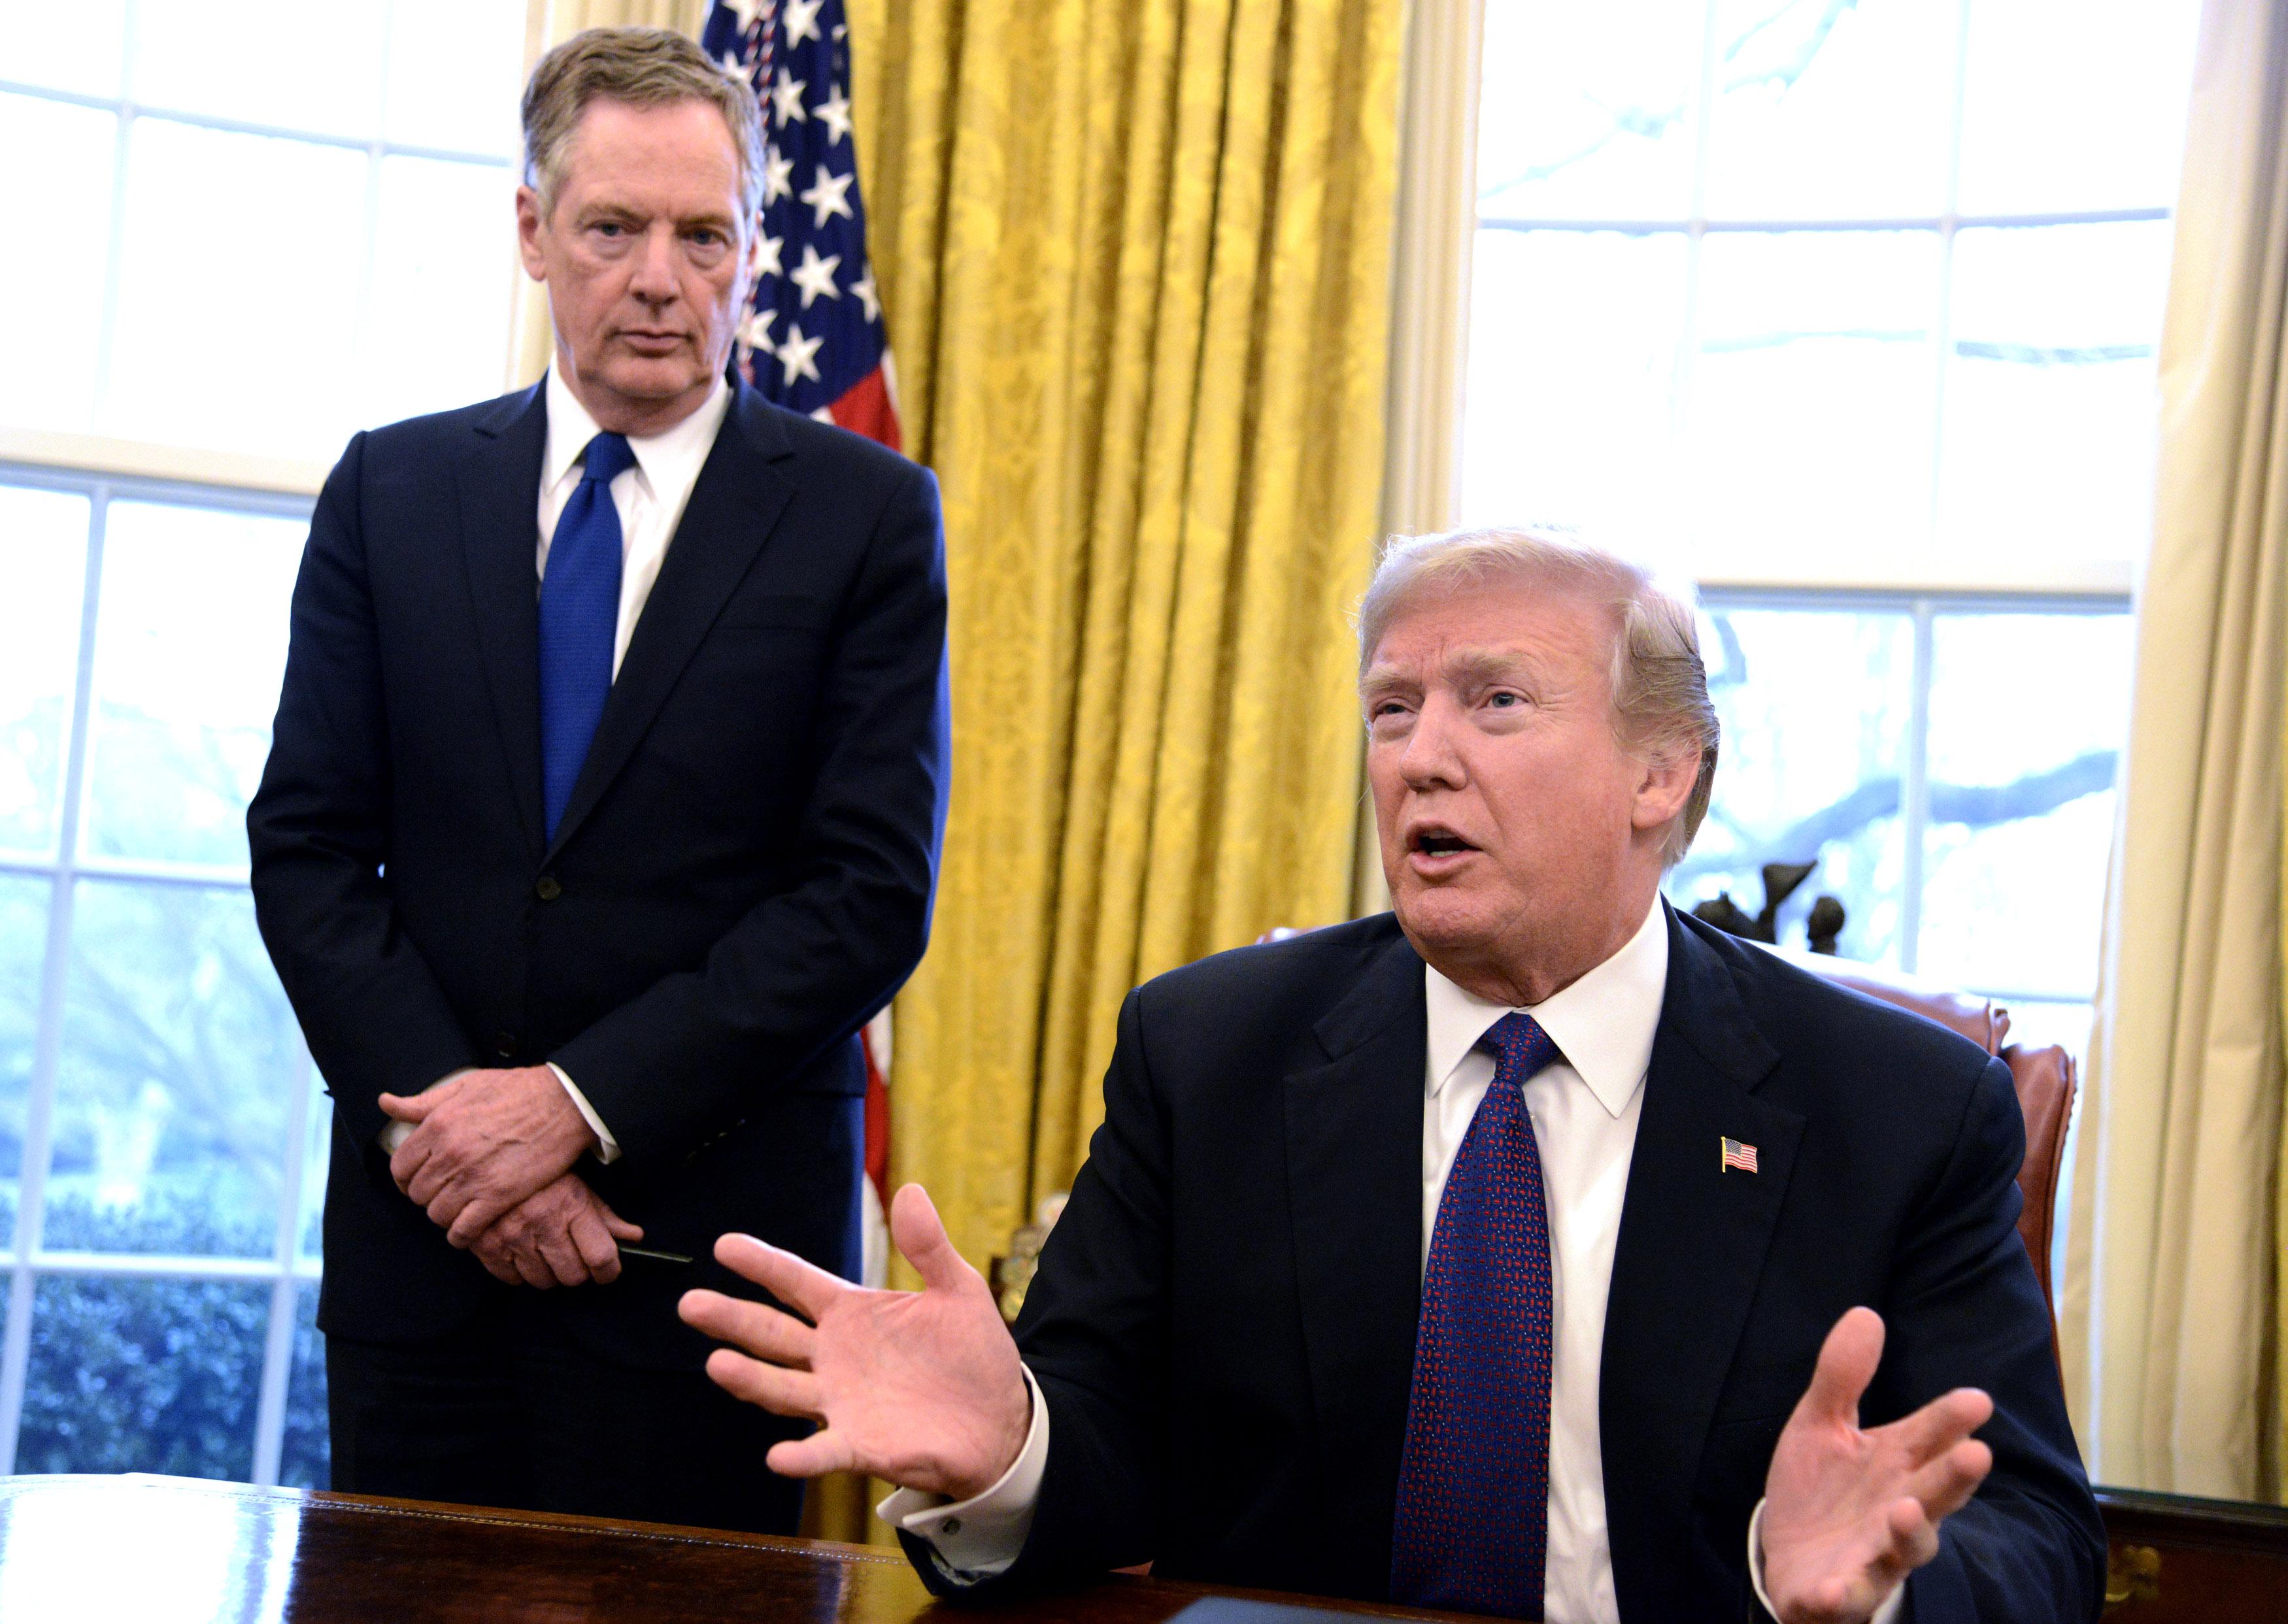 特朗普讚揚萊特希澤:實至名歸的最佳談判者